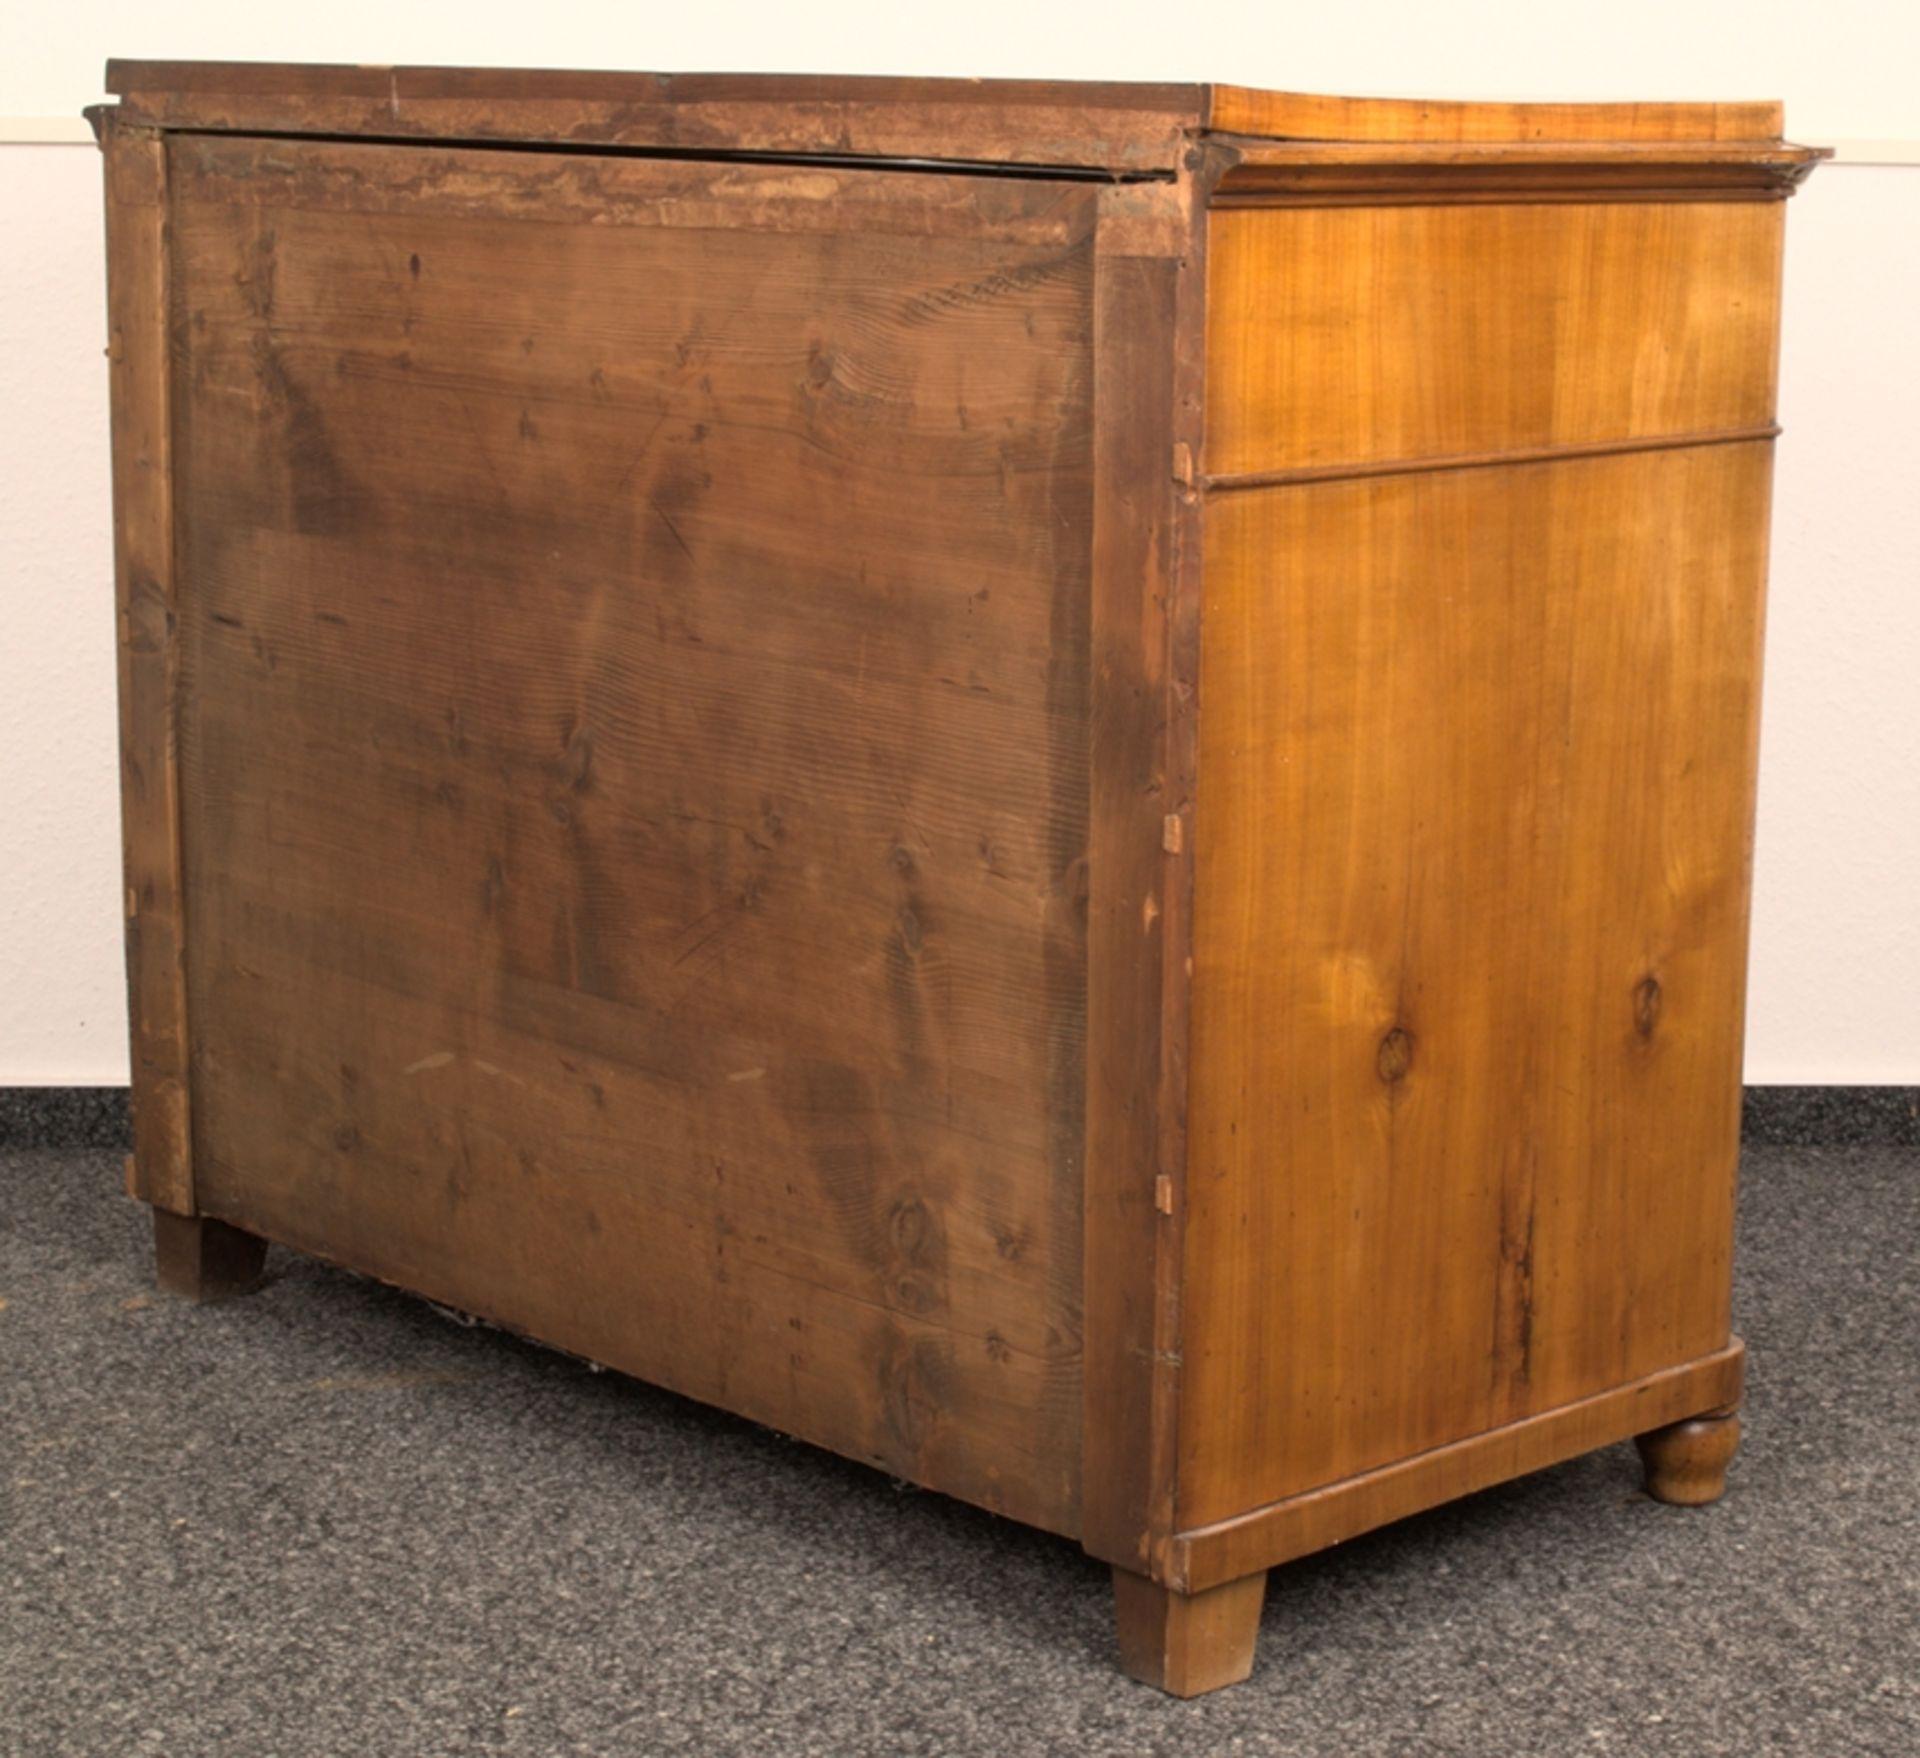 Wäschekommode. Biedermeier um 1835. Kirschbaum massiv & furniert, die 4 Schubladen-Fronten mit - Bild 15 aus 18